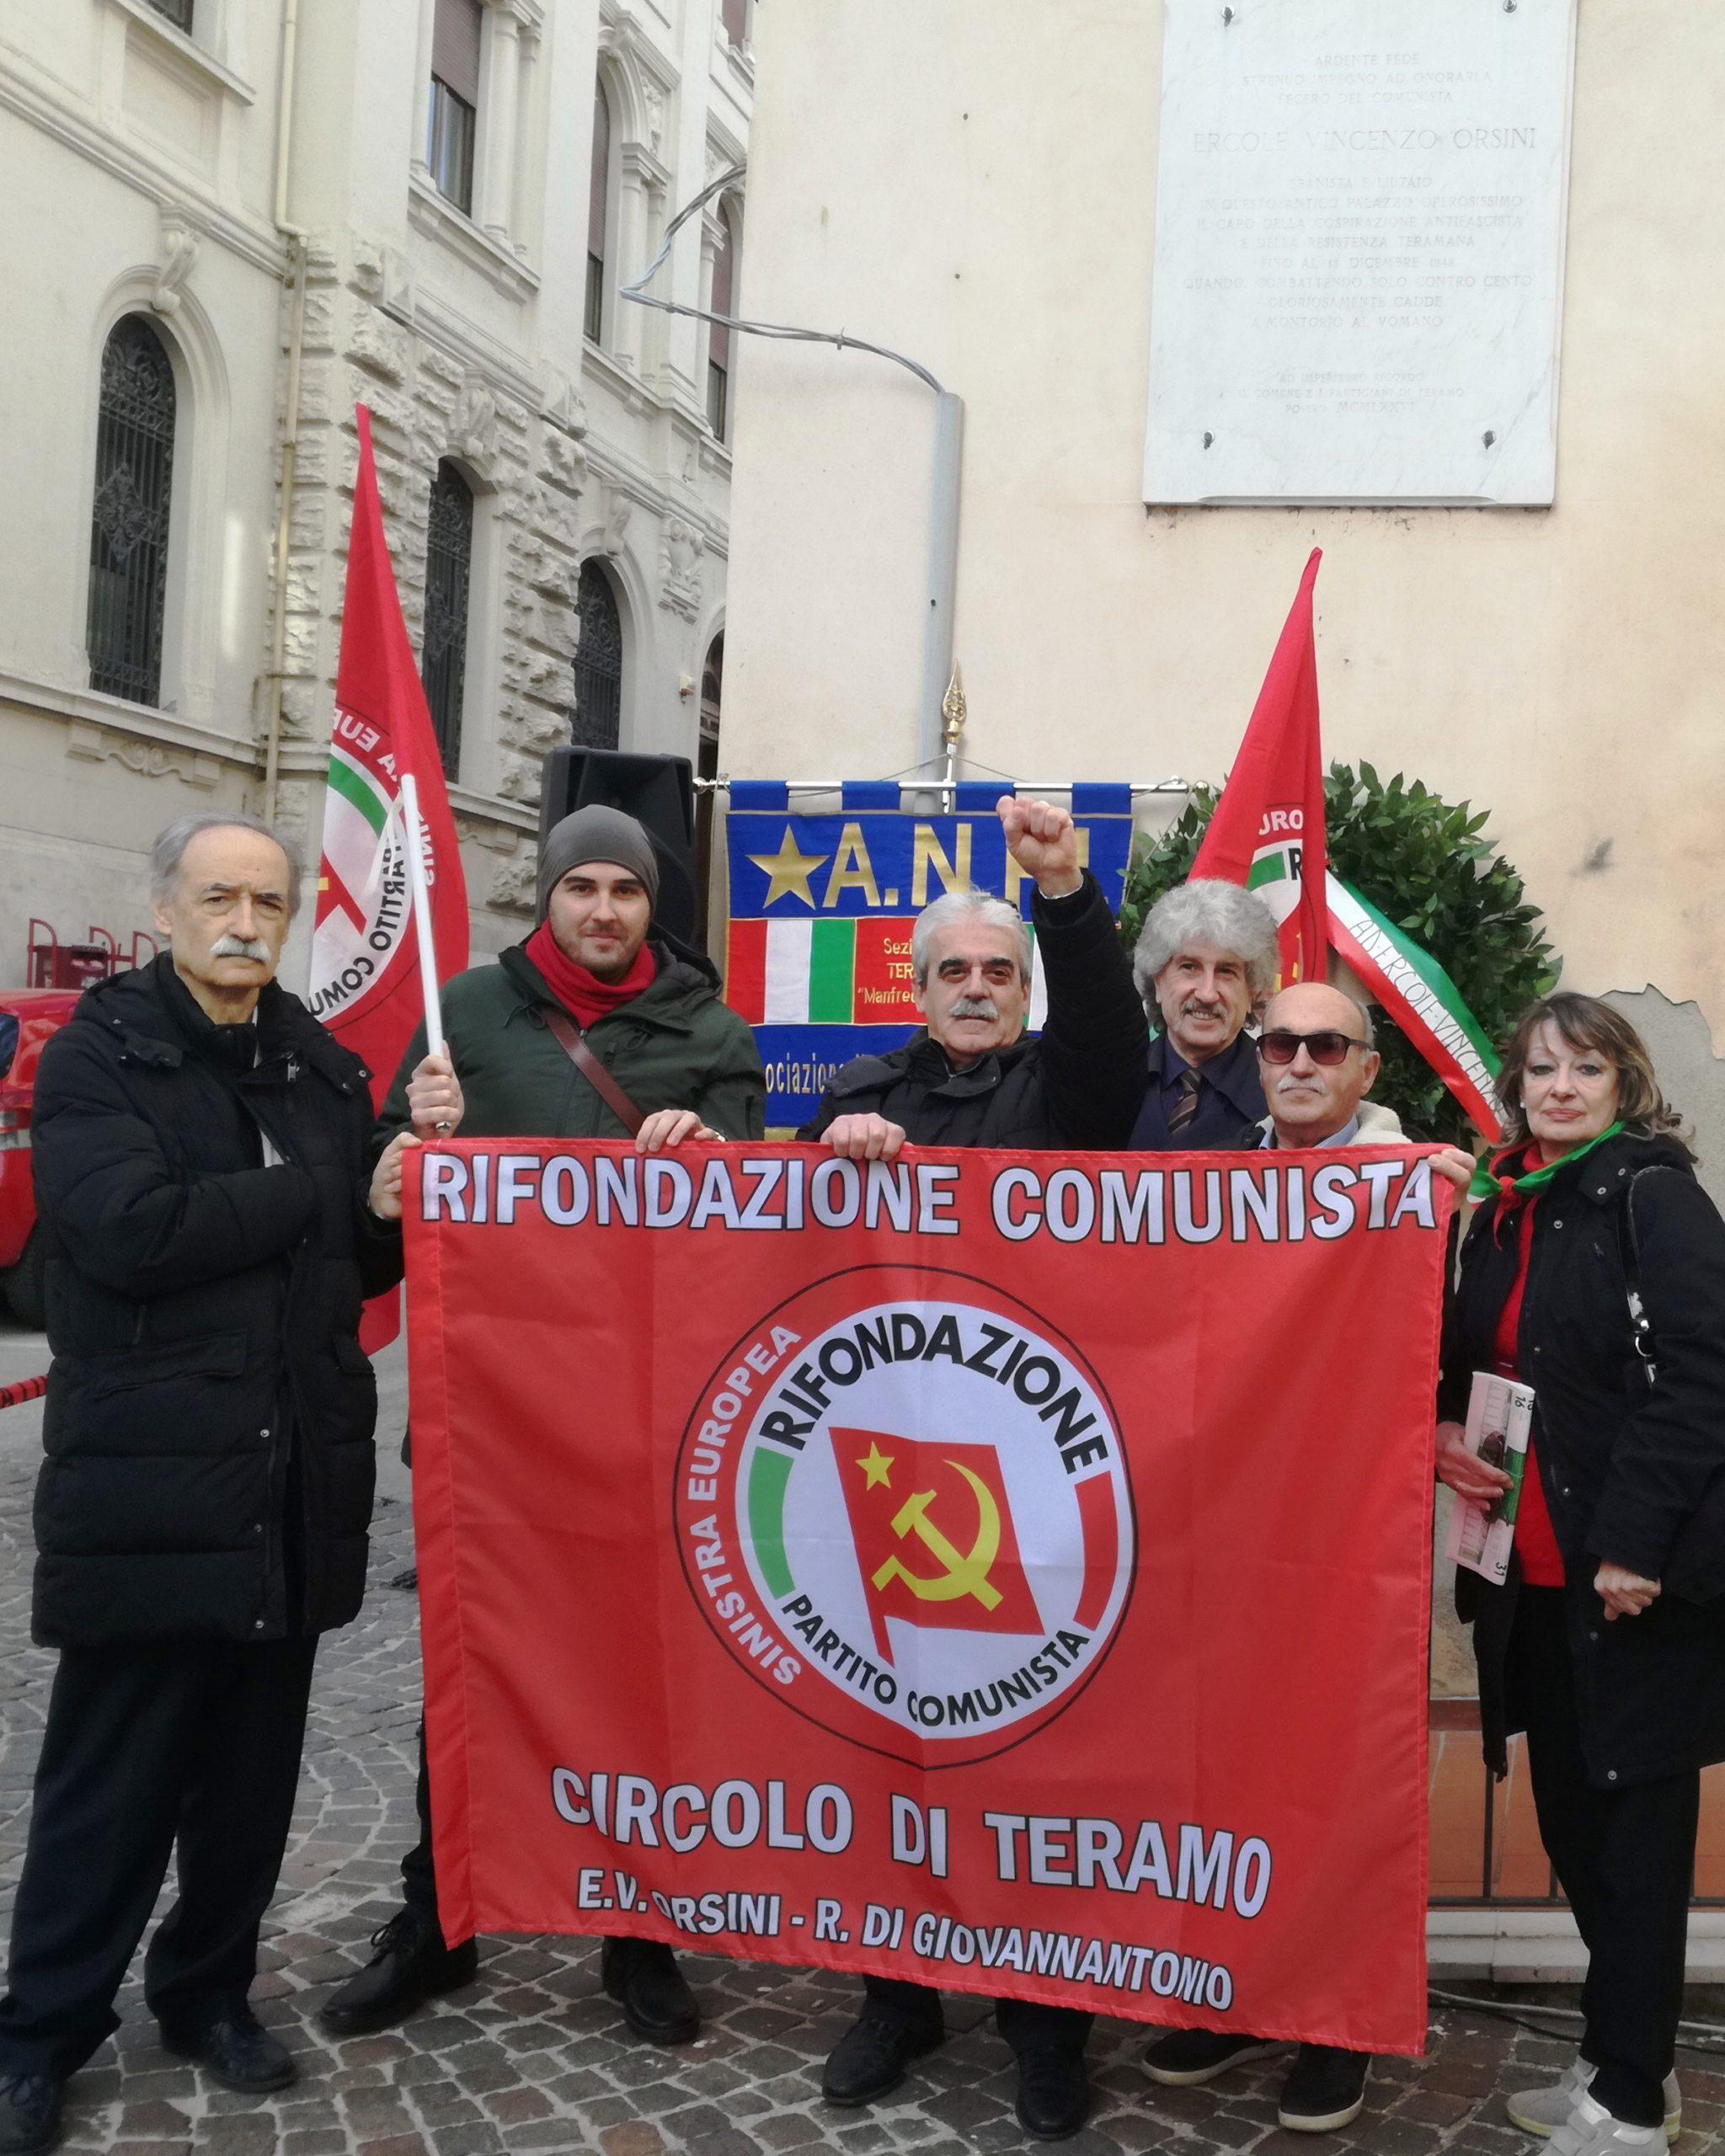 Teramo, Rifondazione Comunista ha celebrato commemorazione Partigiano Ercole Vincenzo Orsini